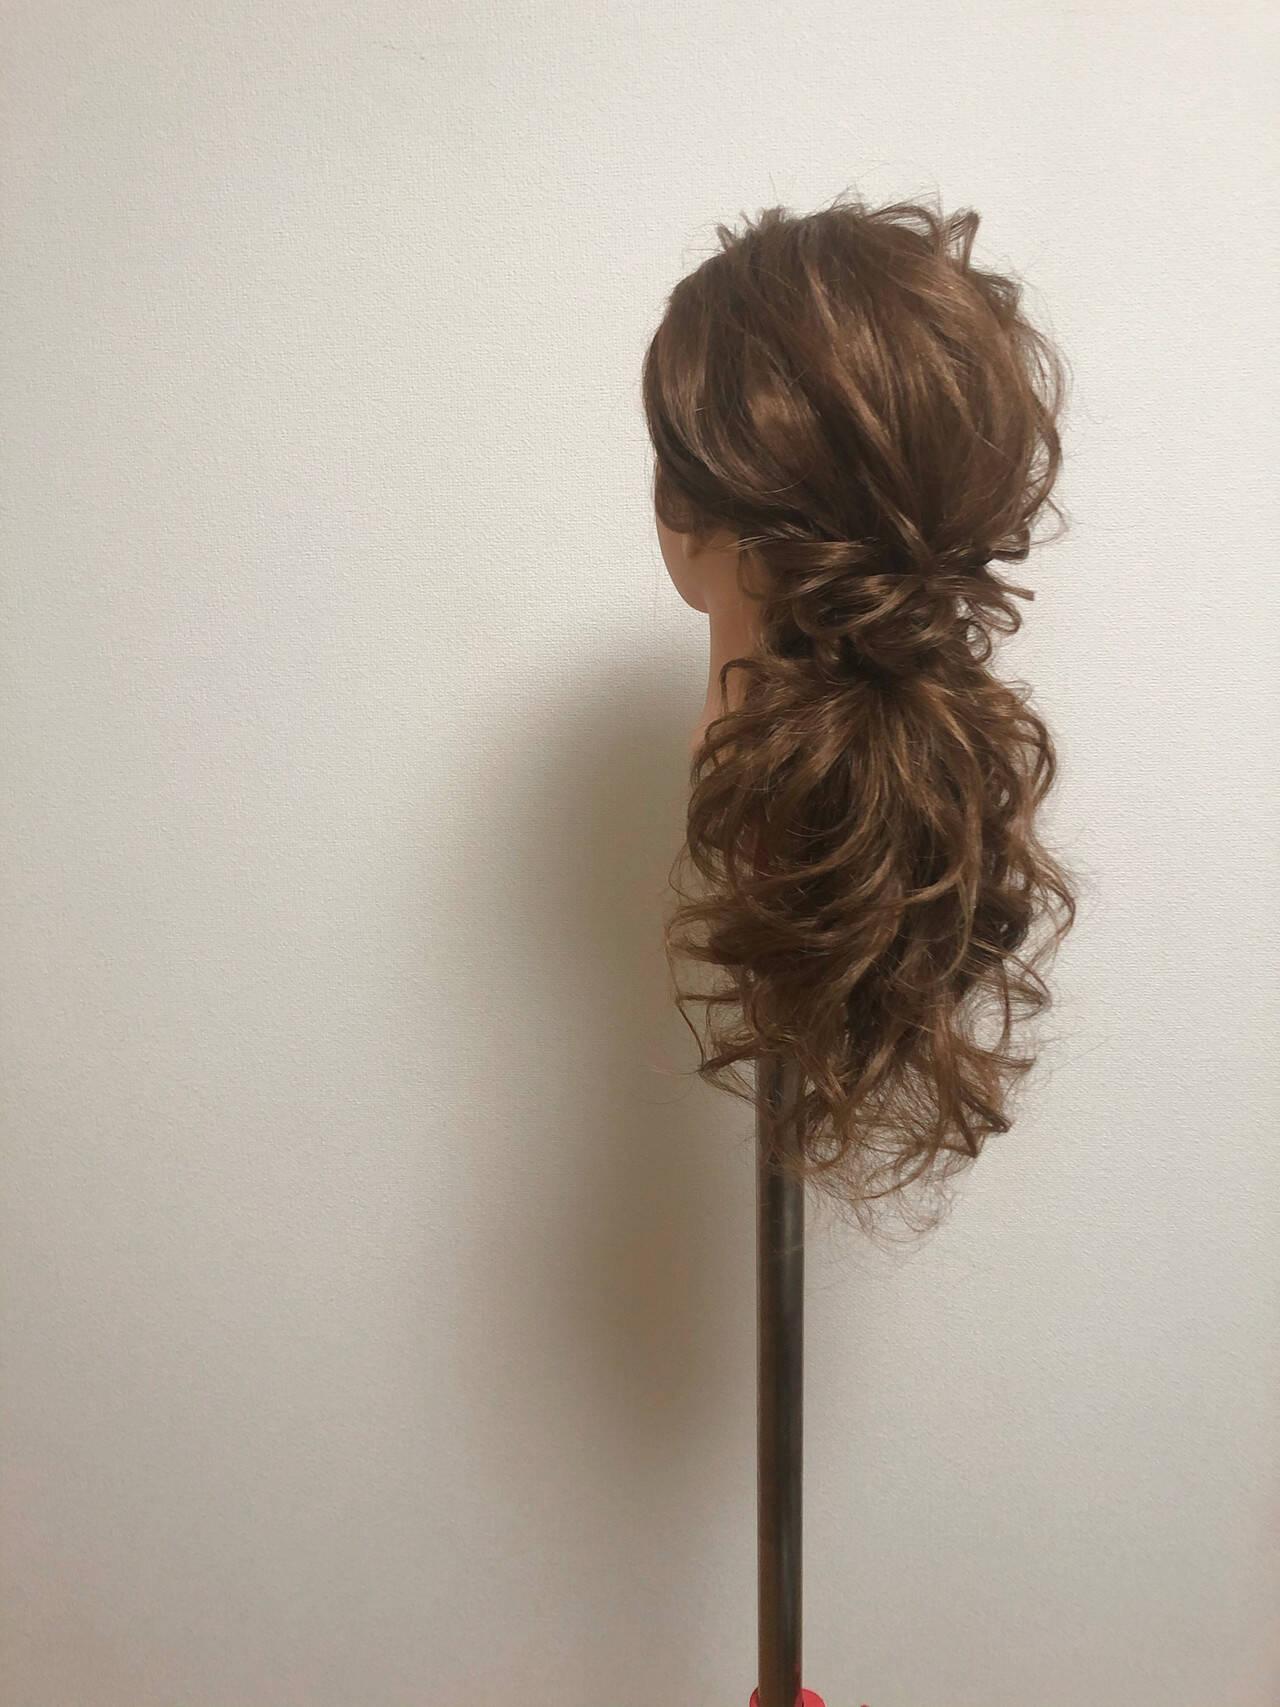 ねじり ローポニー セミロング ポニーテールアレンジヘアスタイルや髪型の写真・画像